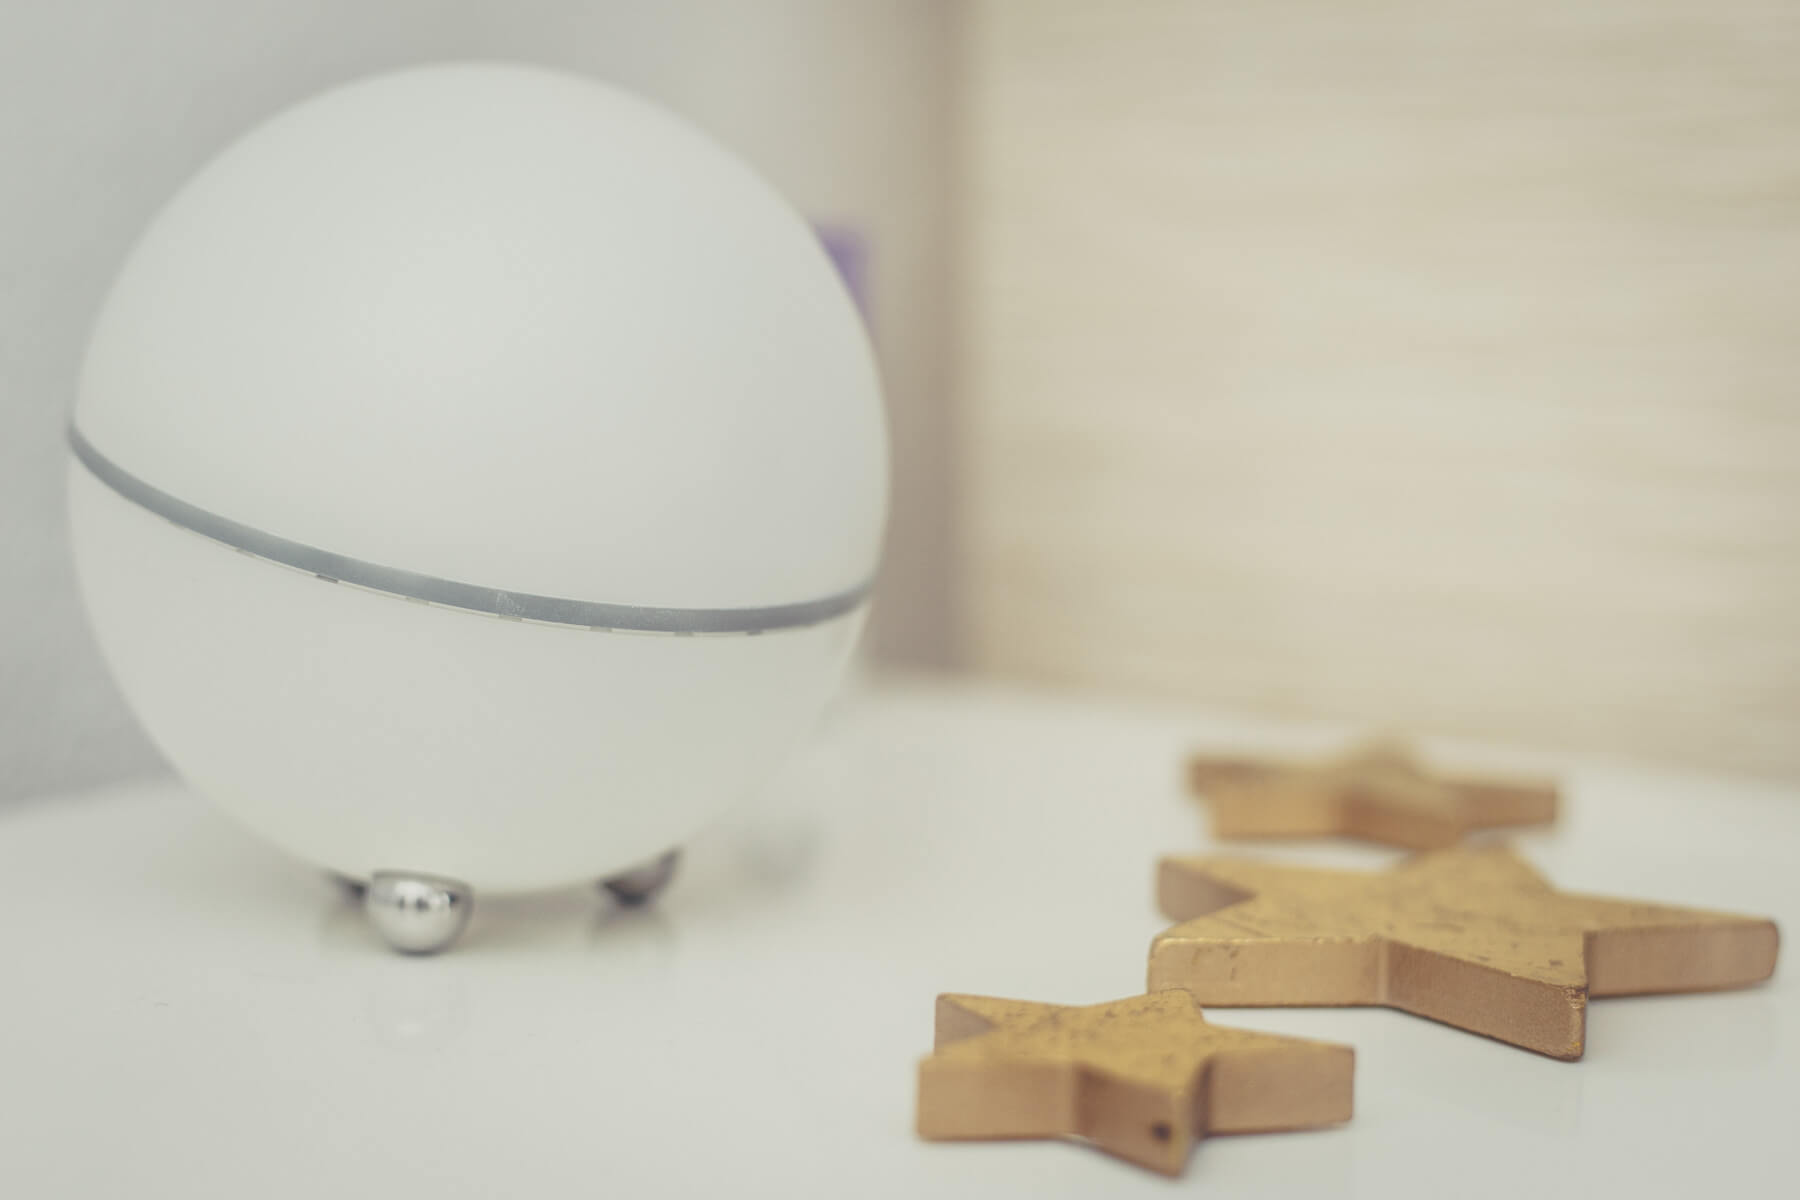 homey Smart Home Hub